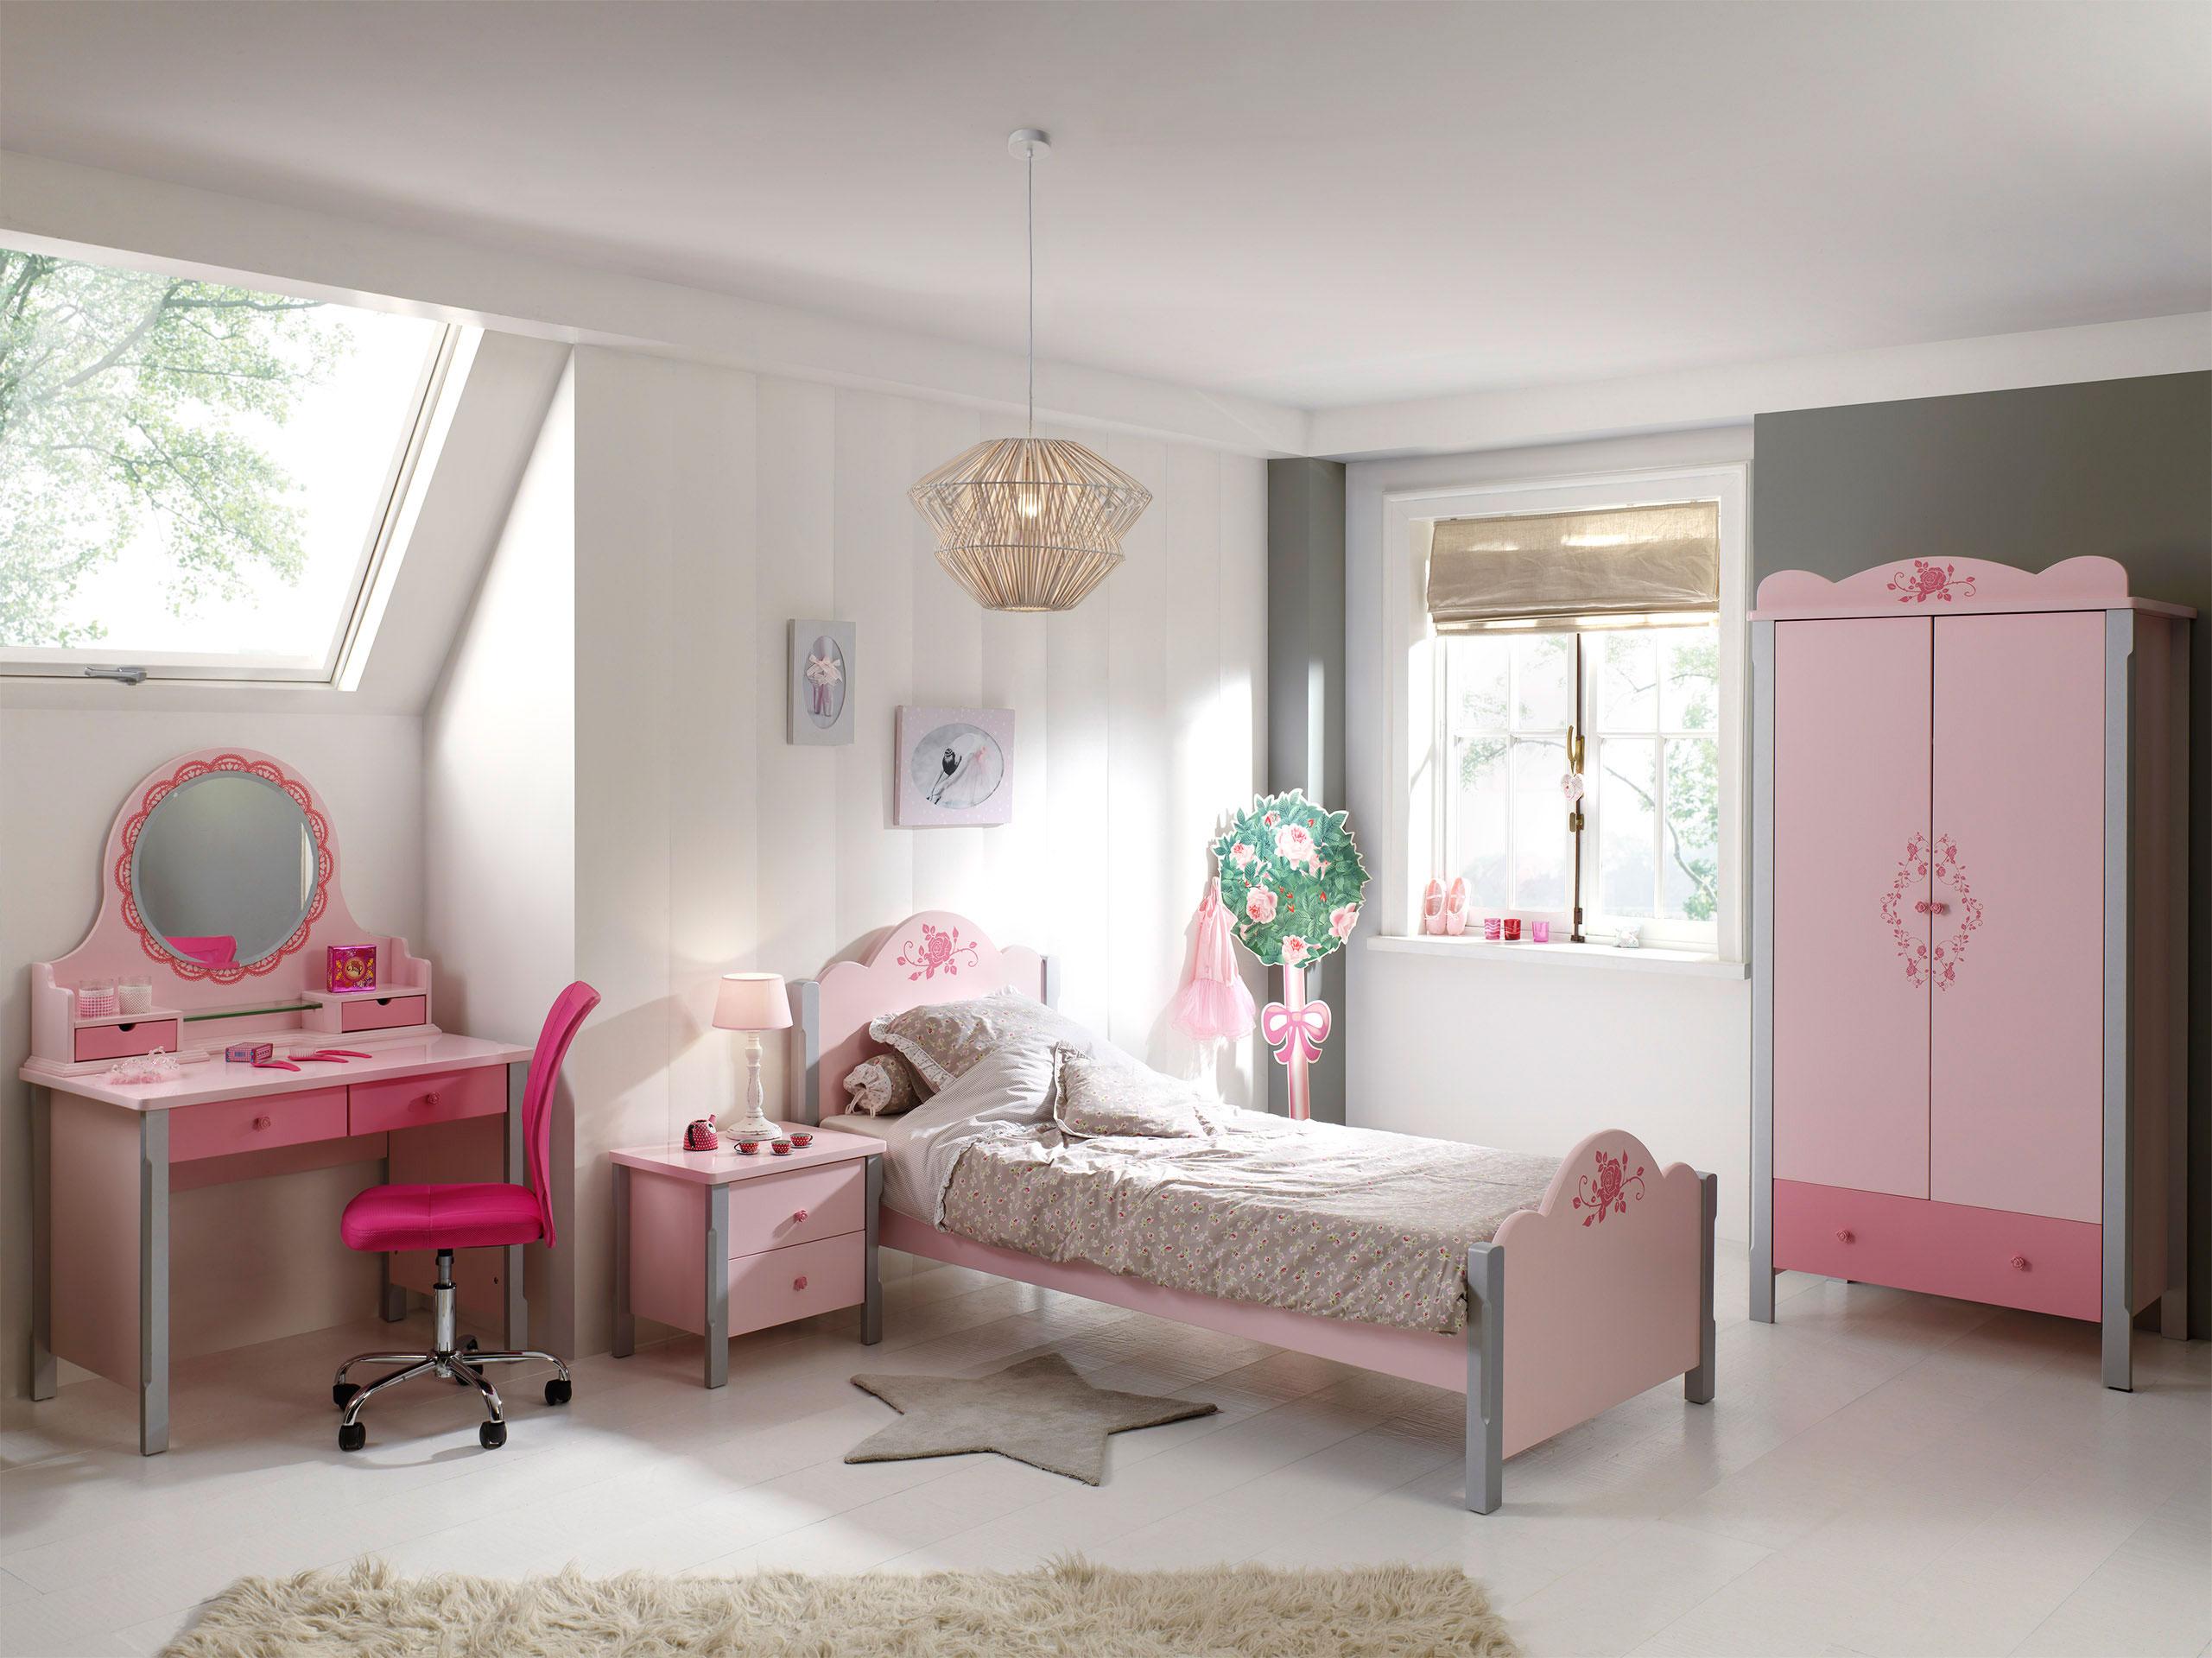 Chambre enfant contemporaine coloris rose Mindy